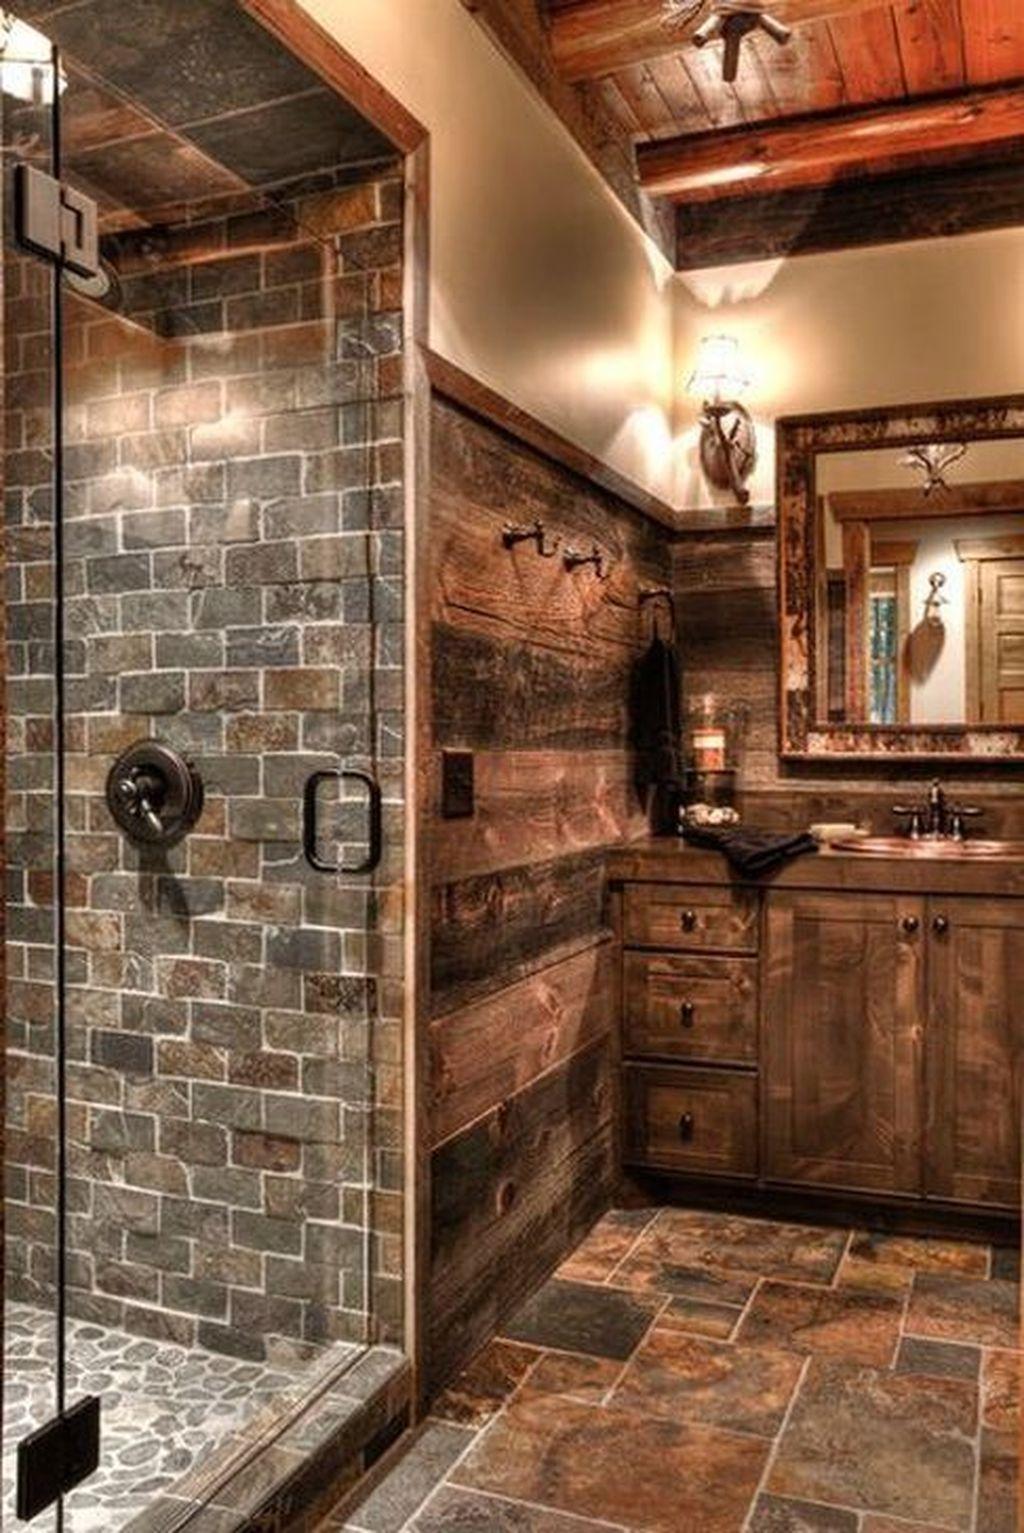 Amazing Rustic Barn Bathroom Decor Ideas 02